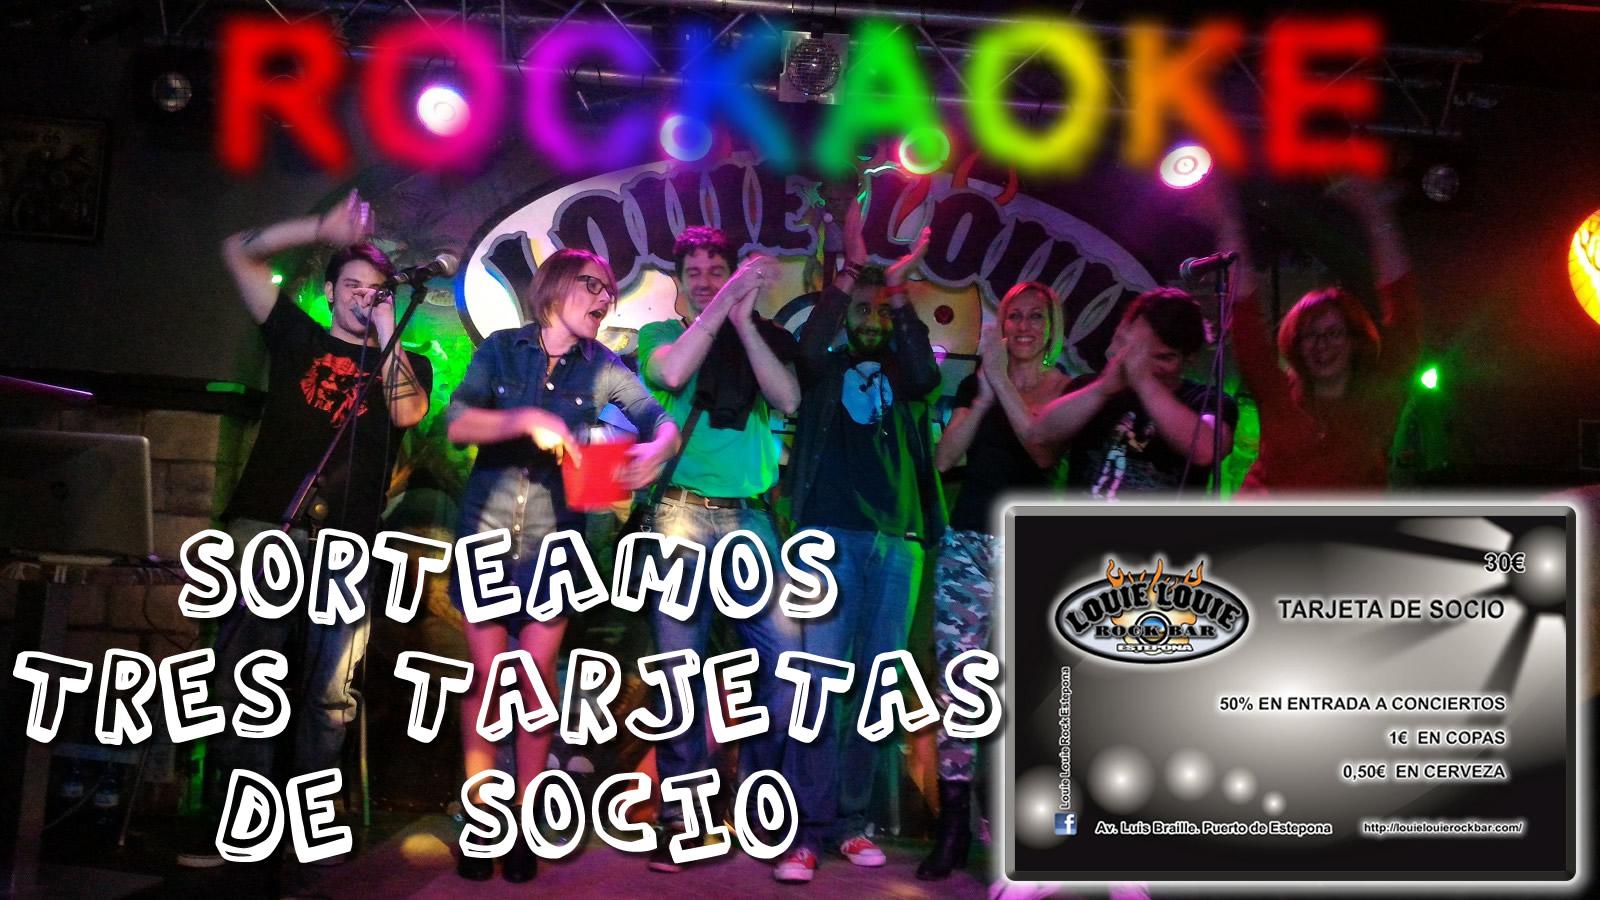 Cartel anunciando el Rockaoke